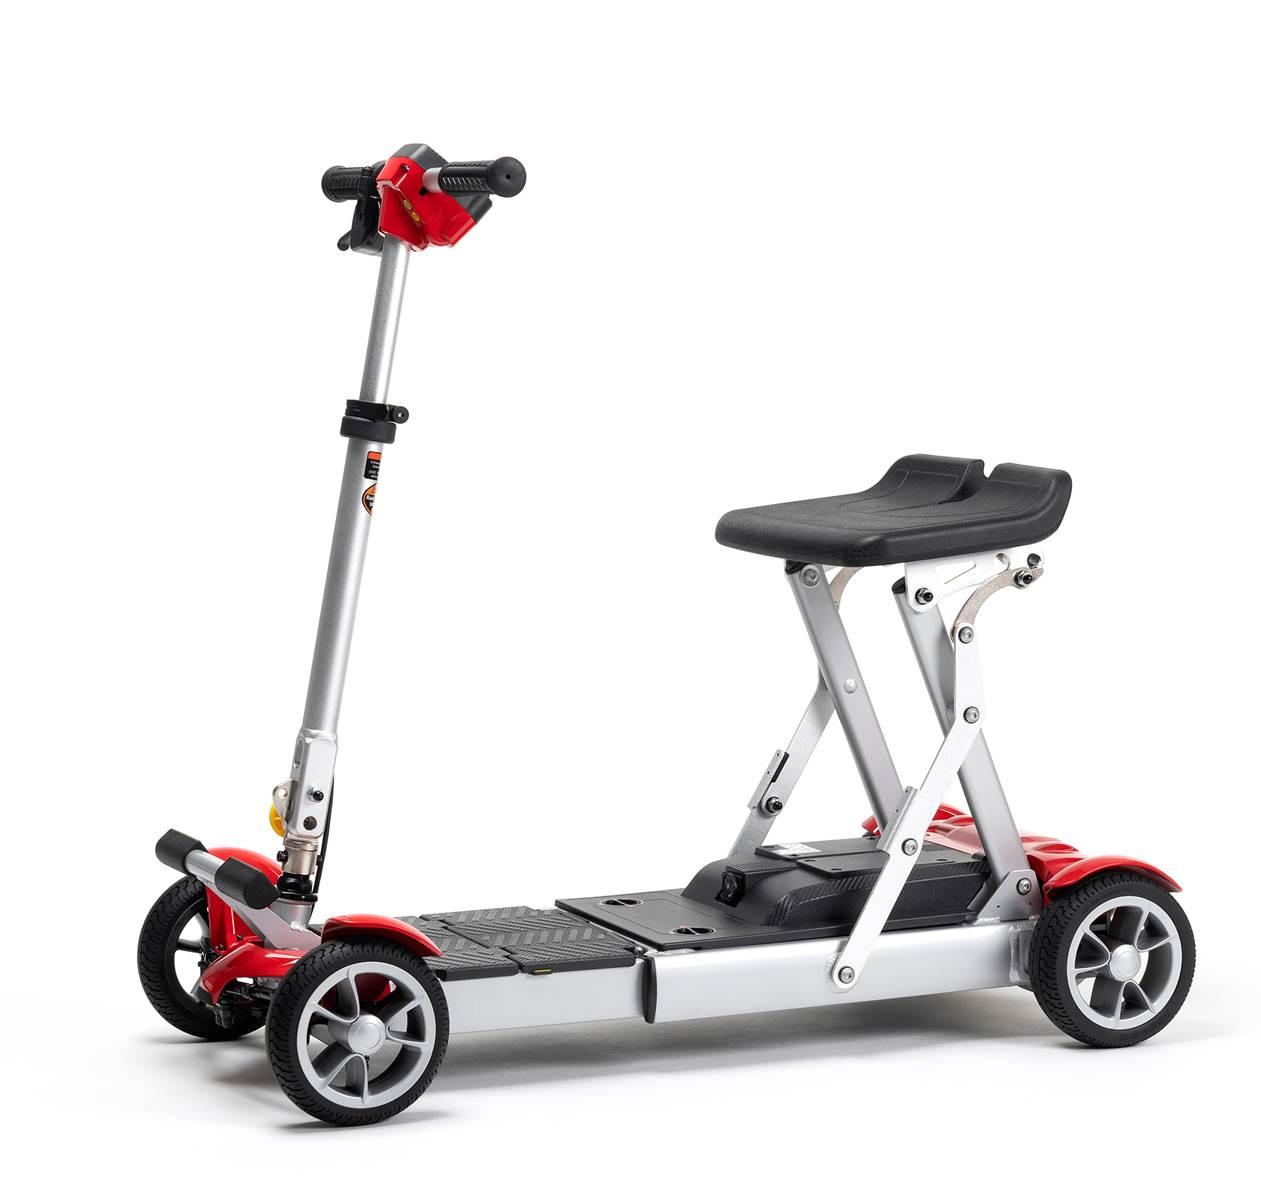 alia skuter inwalidzki elektryczny składany podróżny